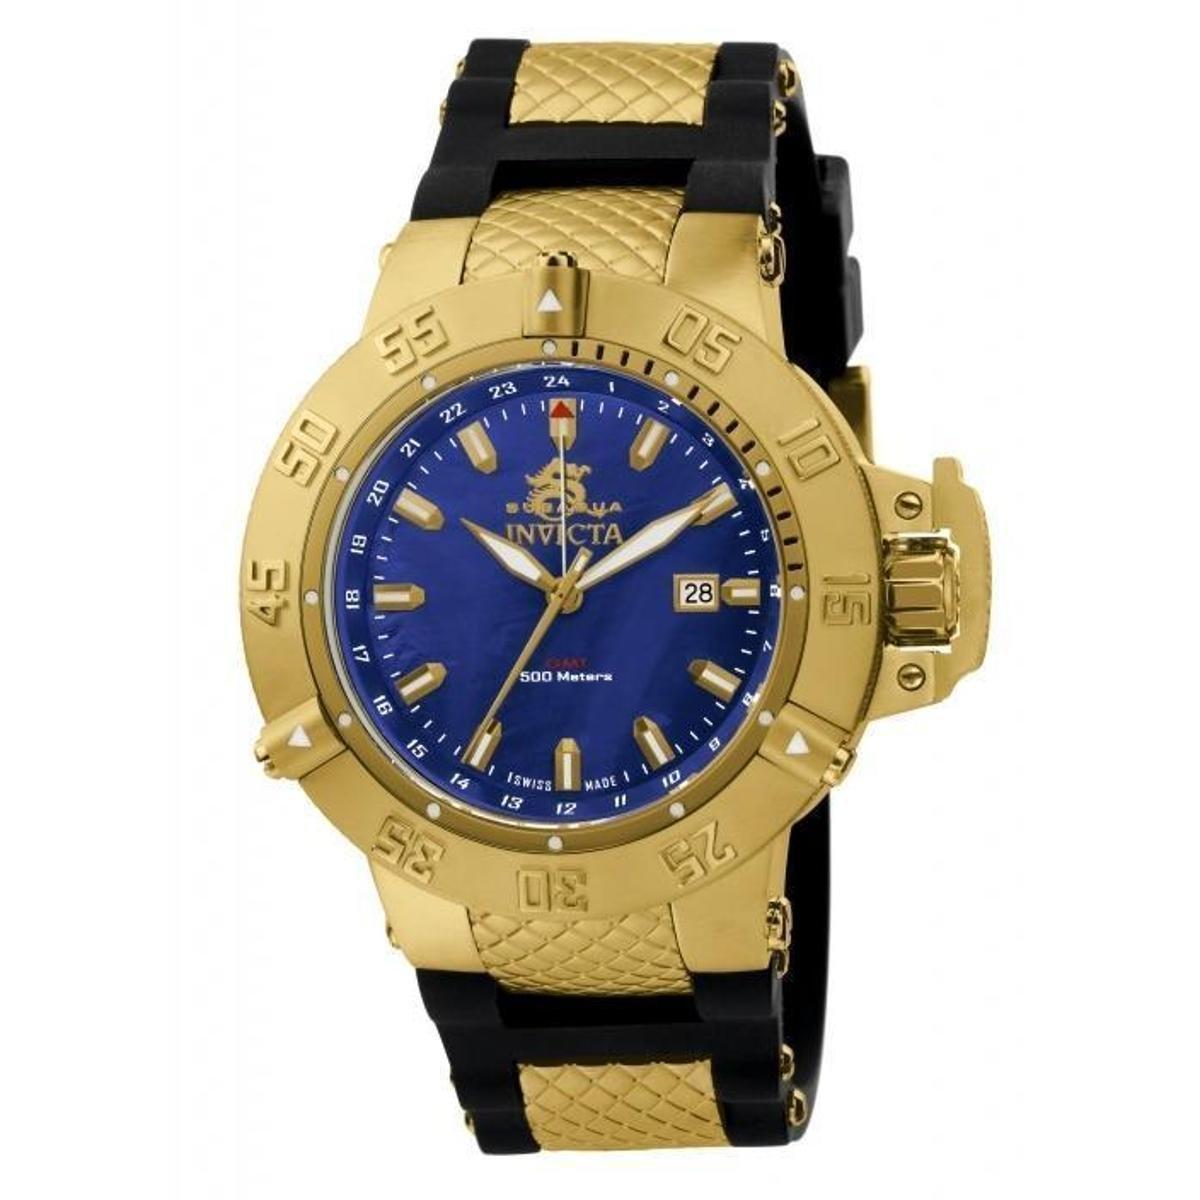 442b7f5027a Relógio Invicta 1150 Subaqua Noma III 50mm Banhado a ouro 18k - Compre  Agora